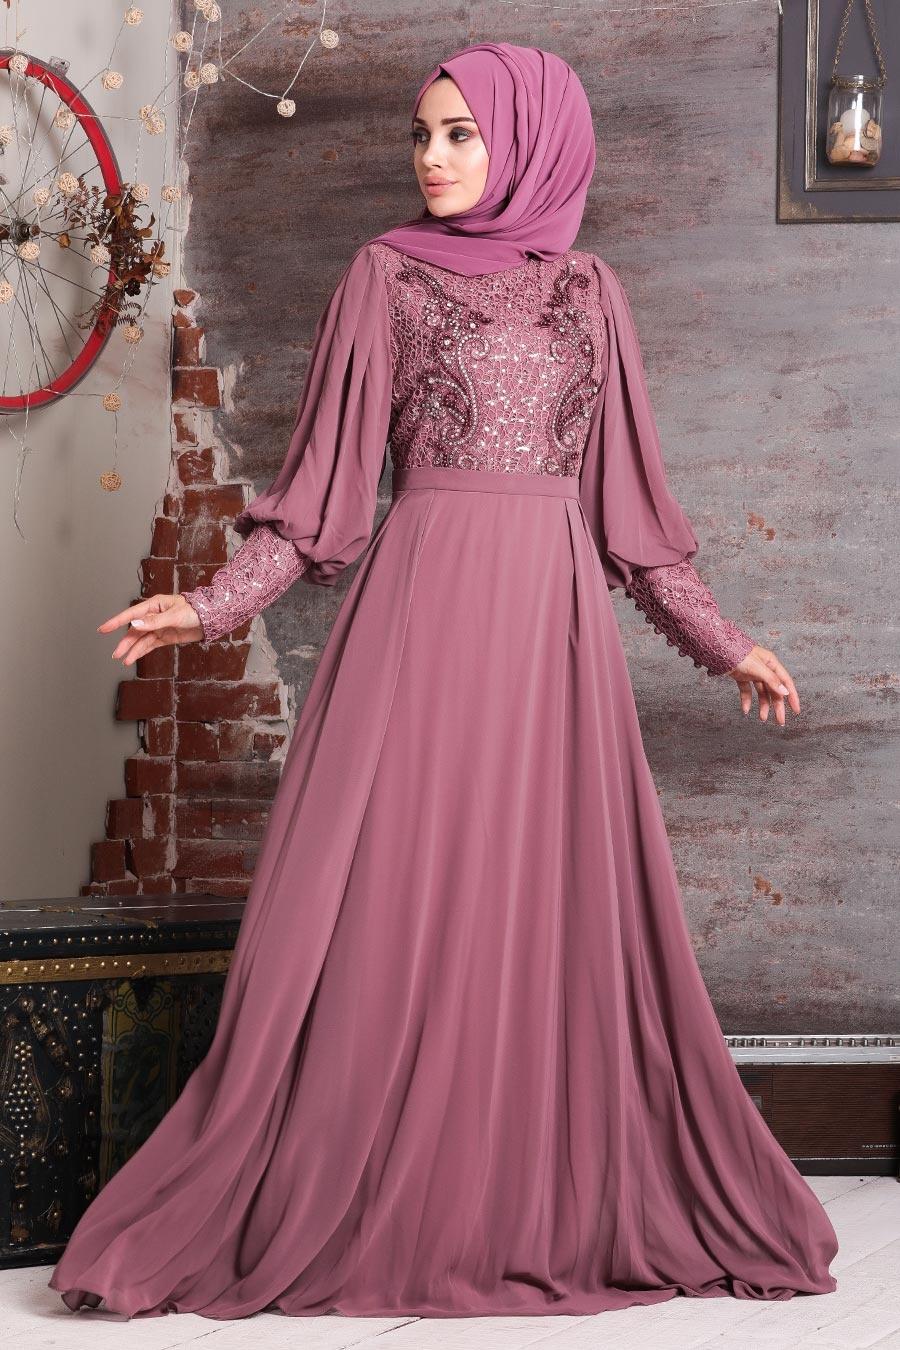 Neva Style - Boncuk İşlemeli Gül Kurusu Tesettür Abiye Elbise 25771GK